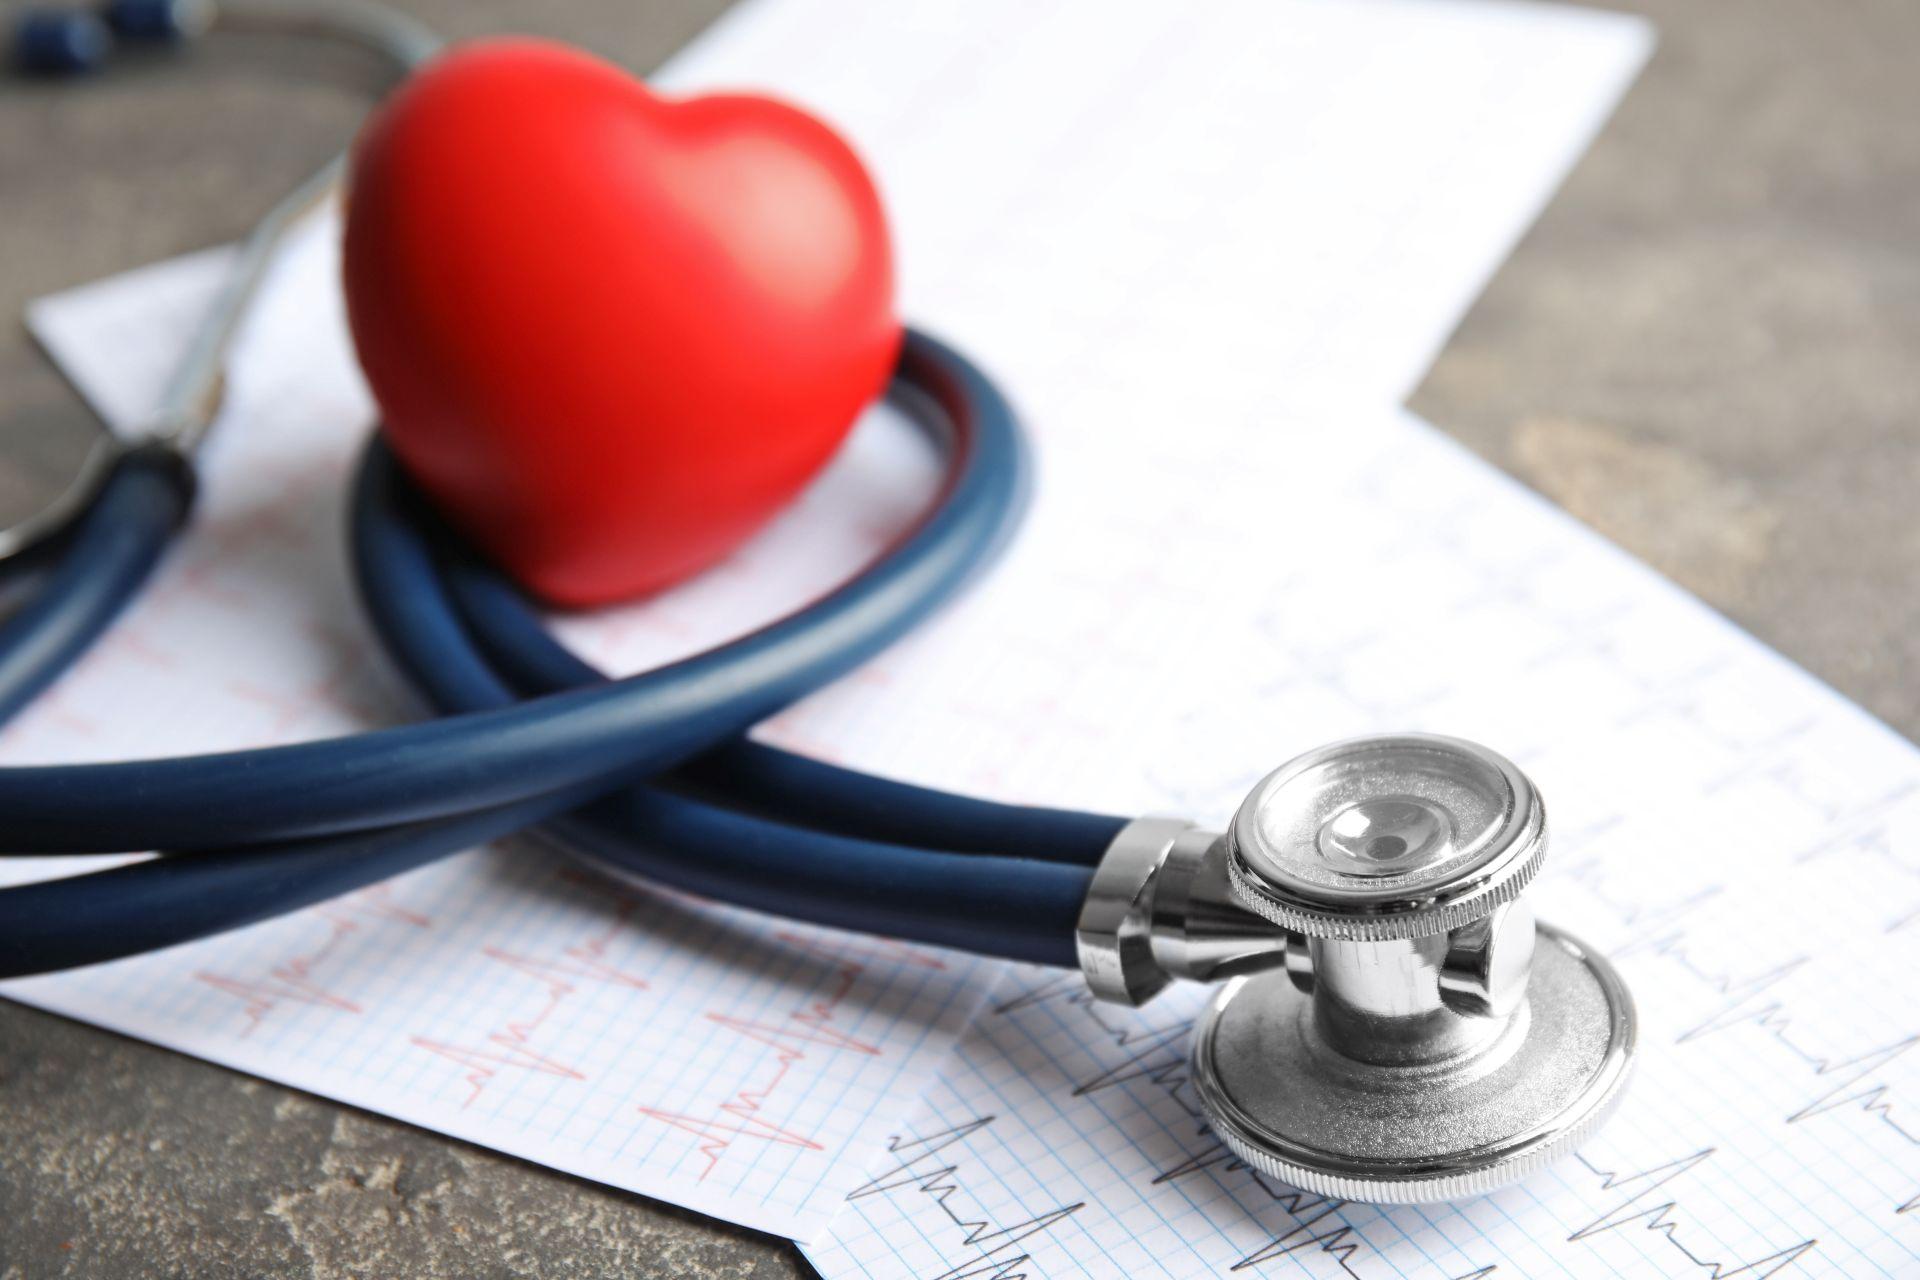 Niewydolność serca - przyczyny, takie jak nadciśnienie tętnicze czy przebyty zawał serca i niepokojące objawy mogą zagrażać życiu.